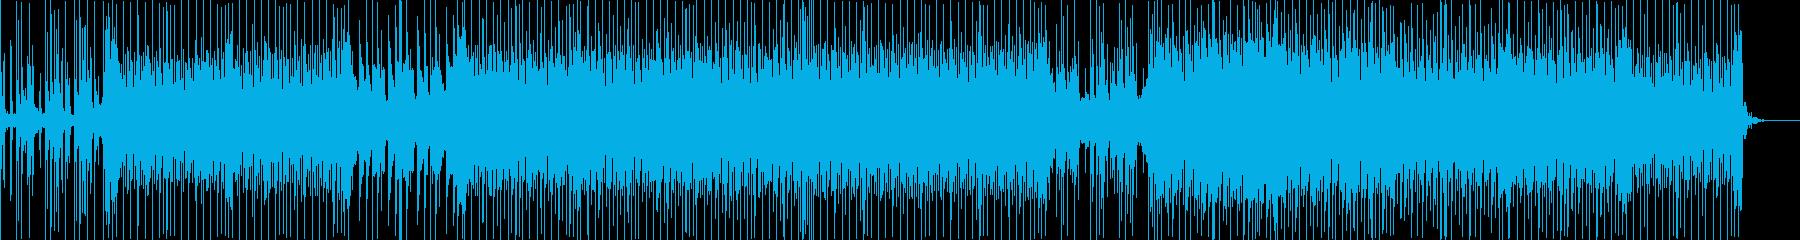 バイオリンが印象的なテクノハウスの再生済みの波形